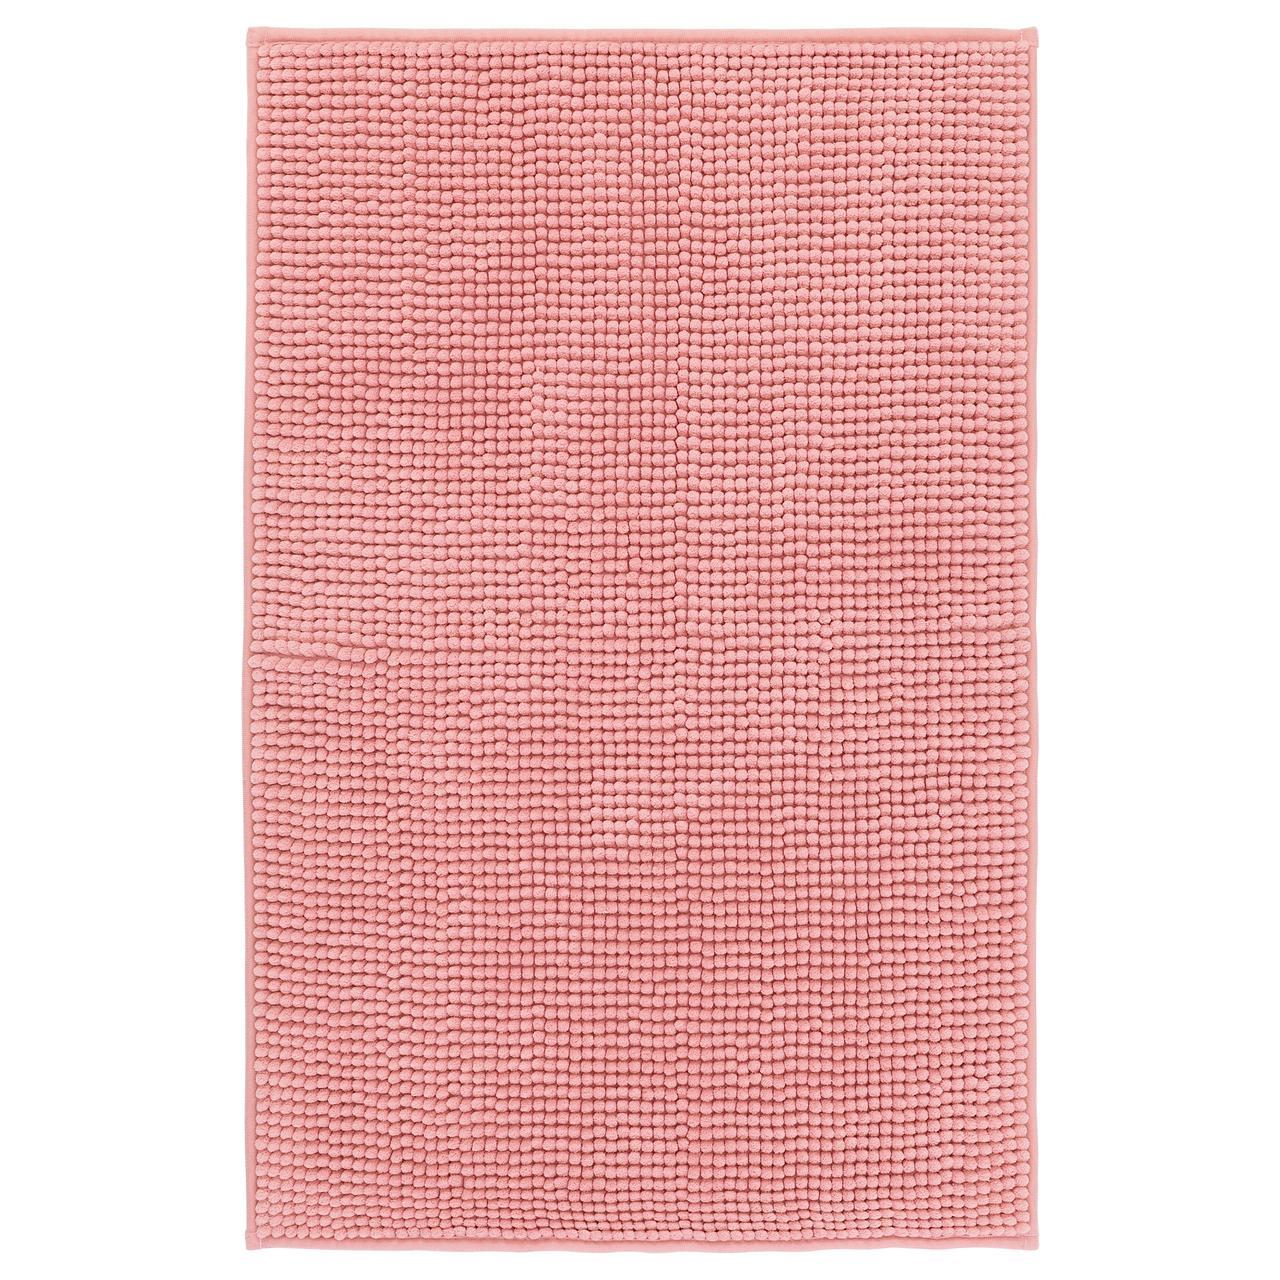 ТОФТБУ Килимок для ванної, рожевий, 50х80, 40422258, IKEA, ІКЕА, TOFTBO